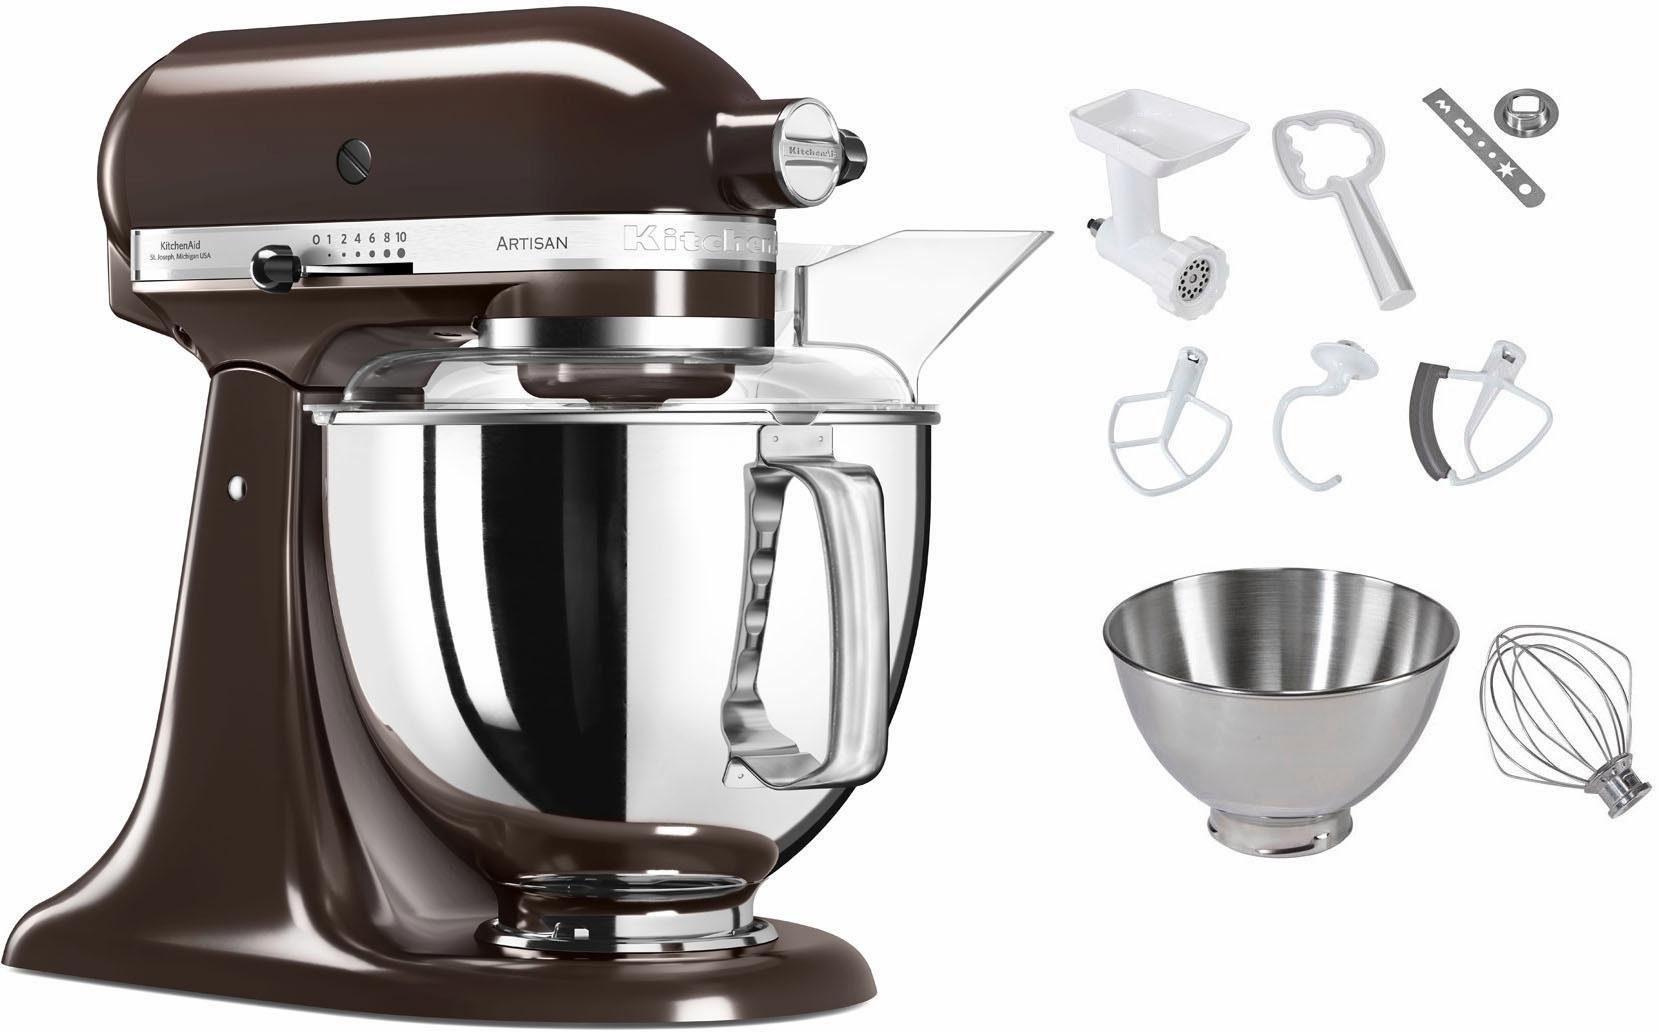 KitchenAid Küchenmaschine 5KSM1175PSEES Artisan, 300 W, 4,83 l Schüssel, inkl Sonderzubehör im Wert von ca. 106,-€